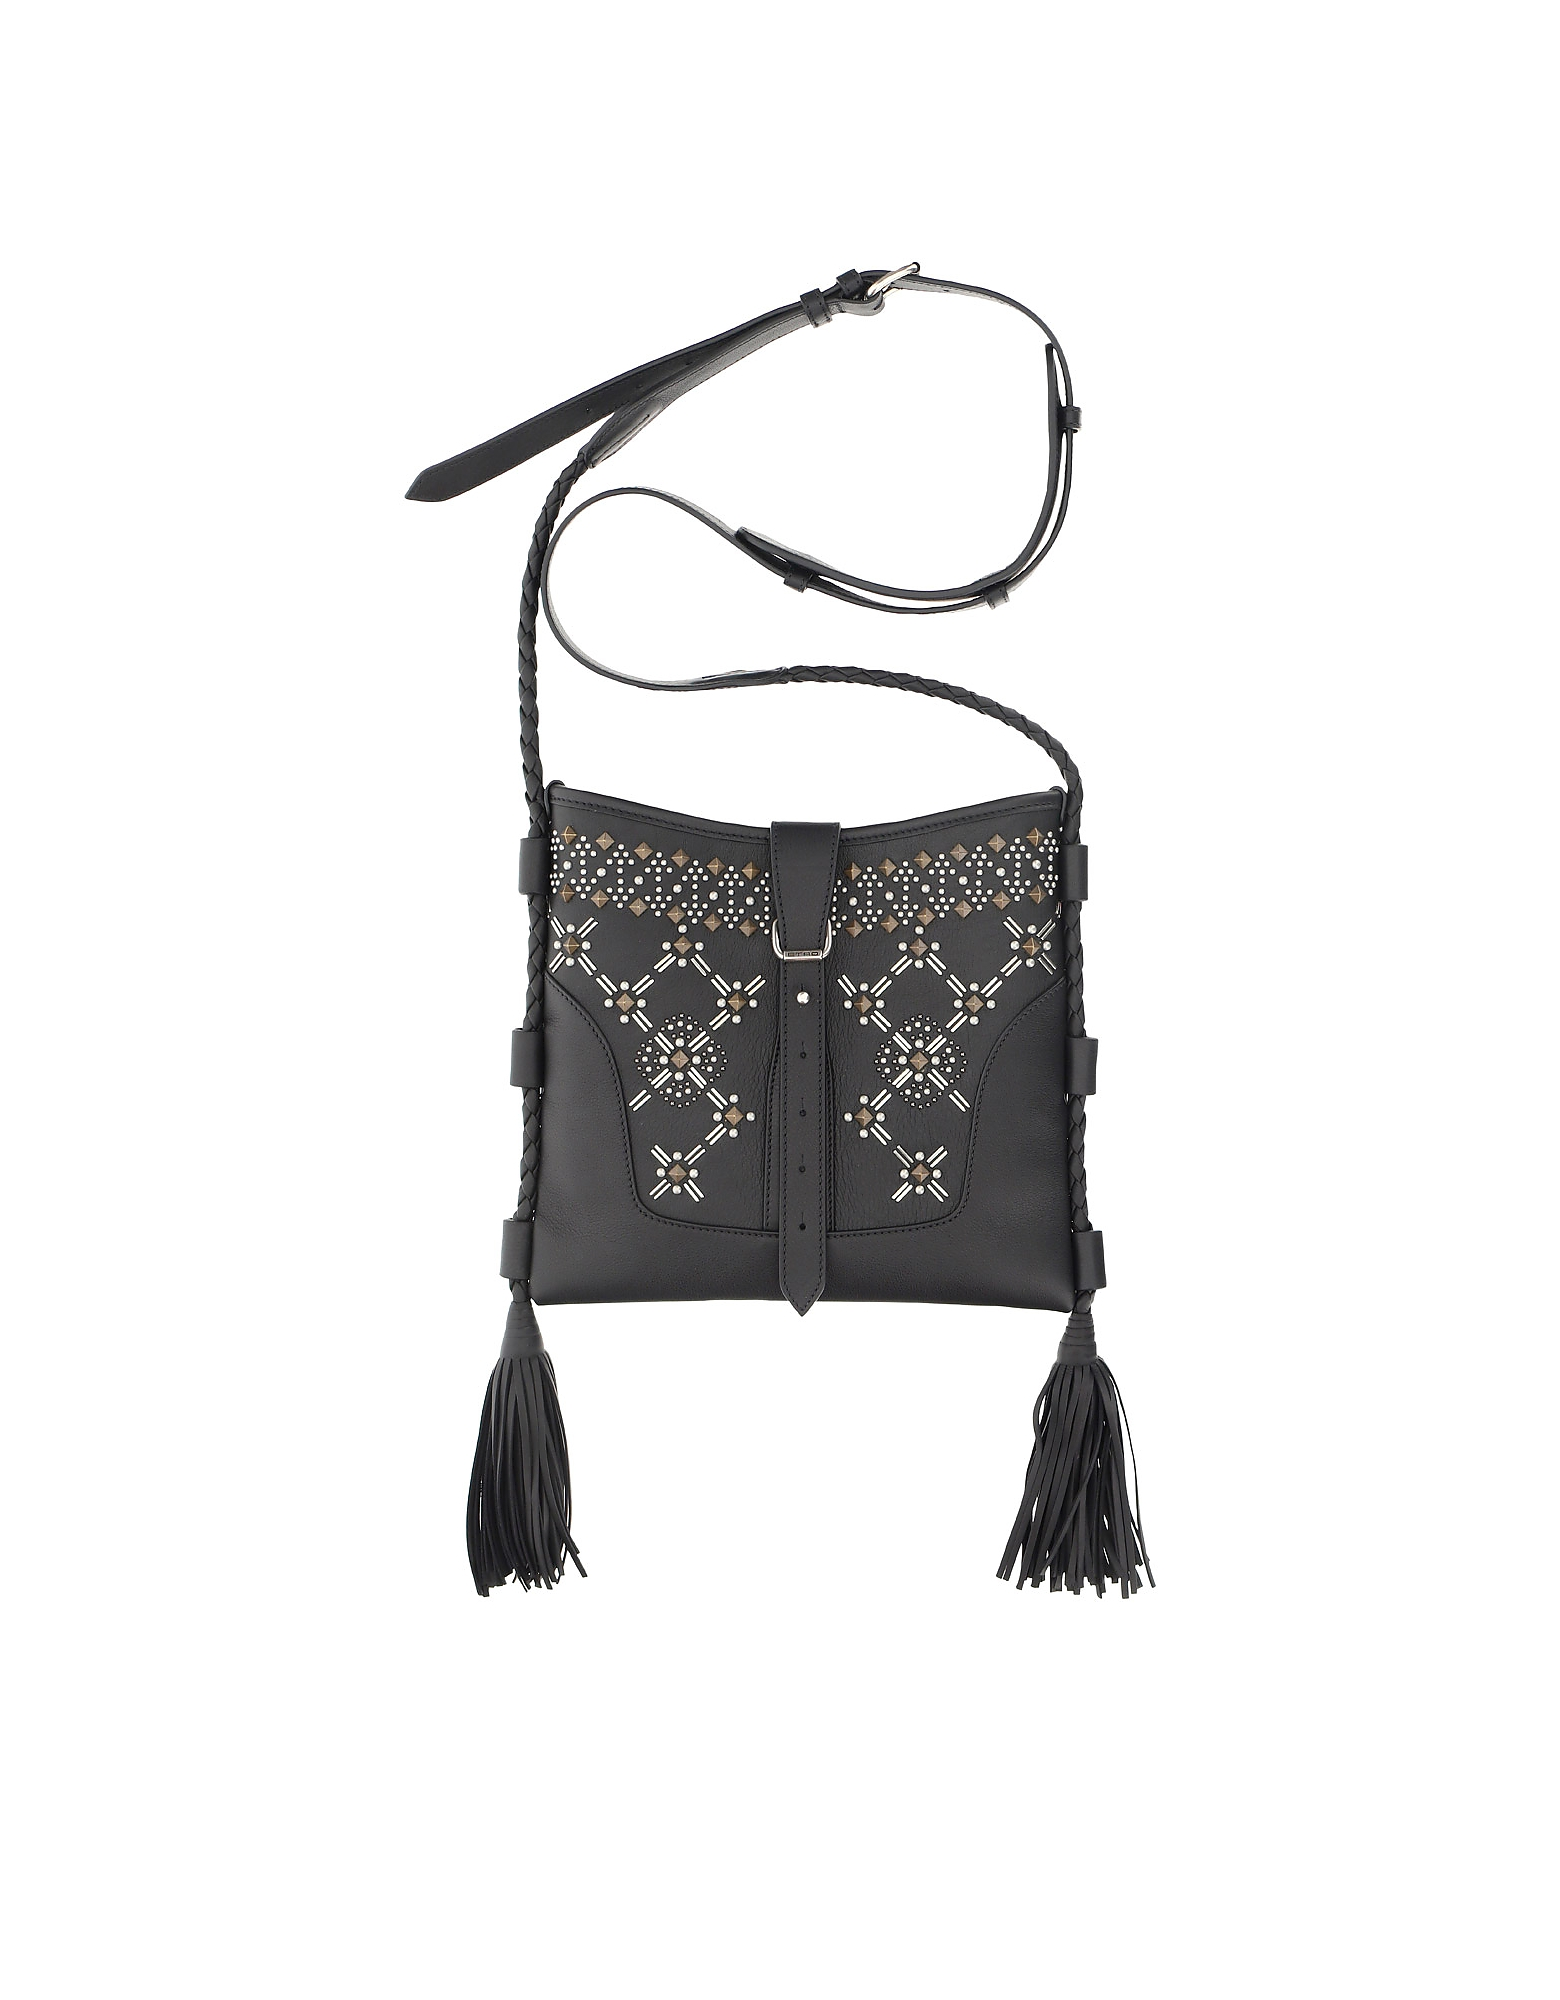 Etro Designer Handbags, Black Smooth Leather Shoulder Bag